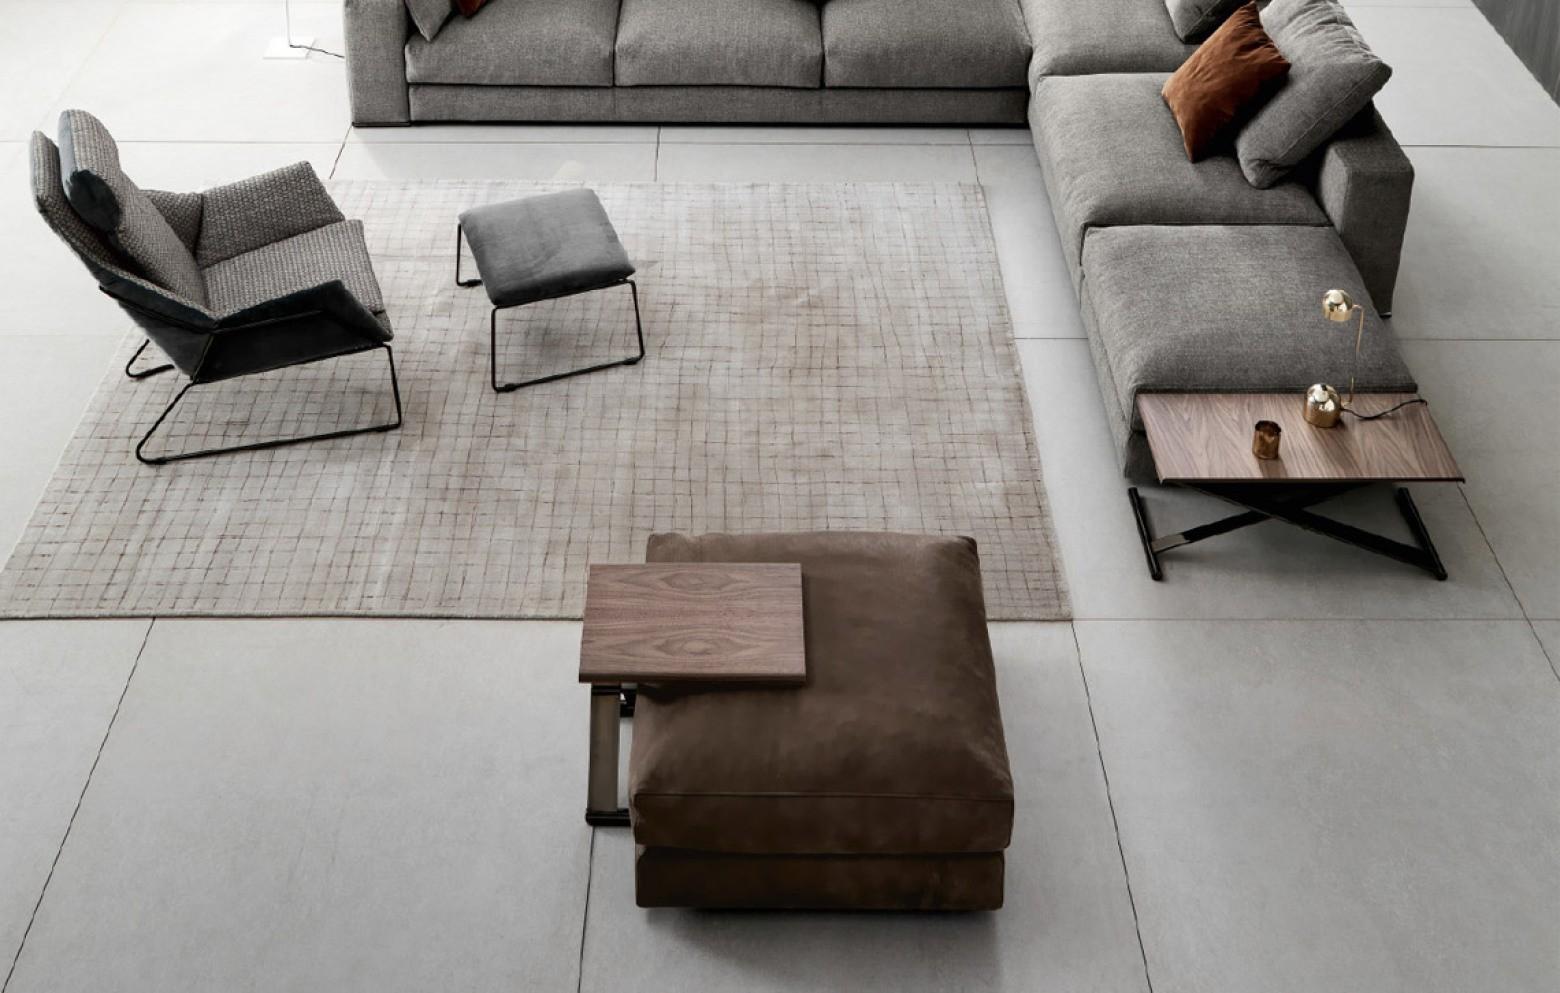 Ananta class beistelltisch beistelltische kleinm bel for Couch und beistelltische